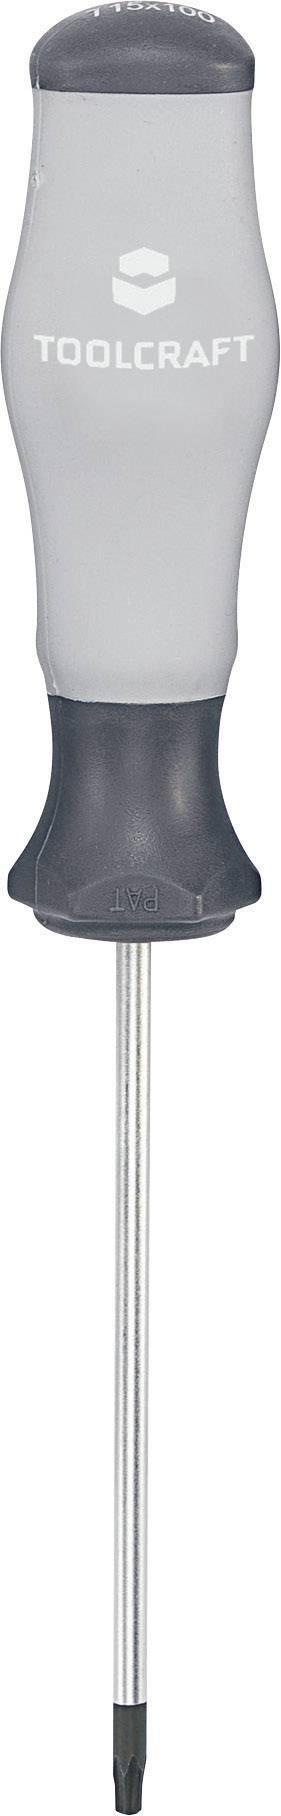 Šroubovák Torx dílna TOOLCRAFT 820722, T 7 x 75 mm,